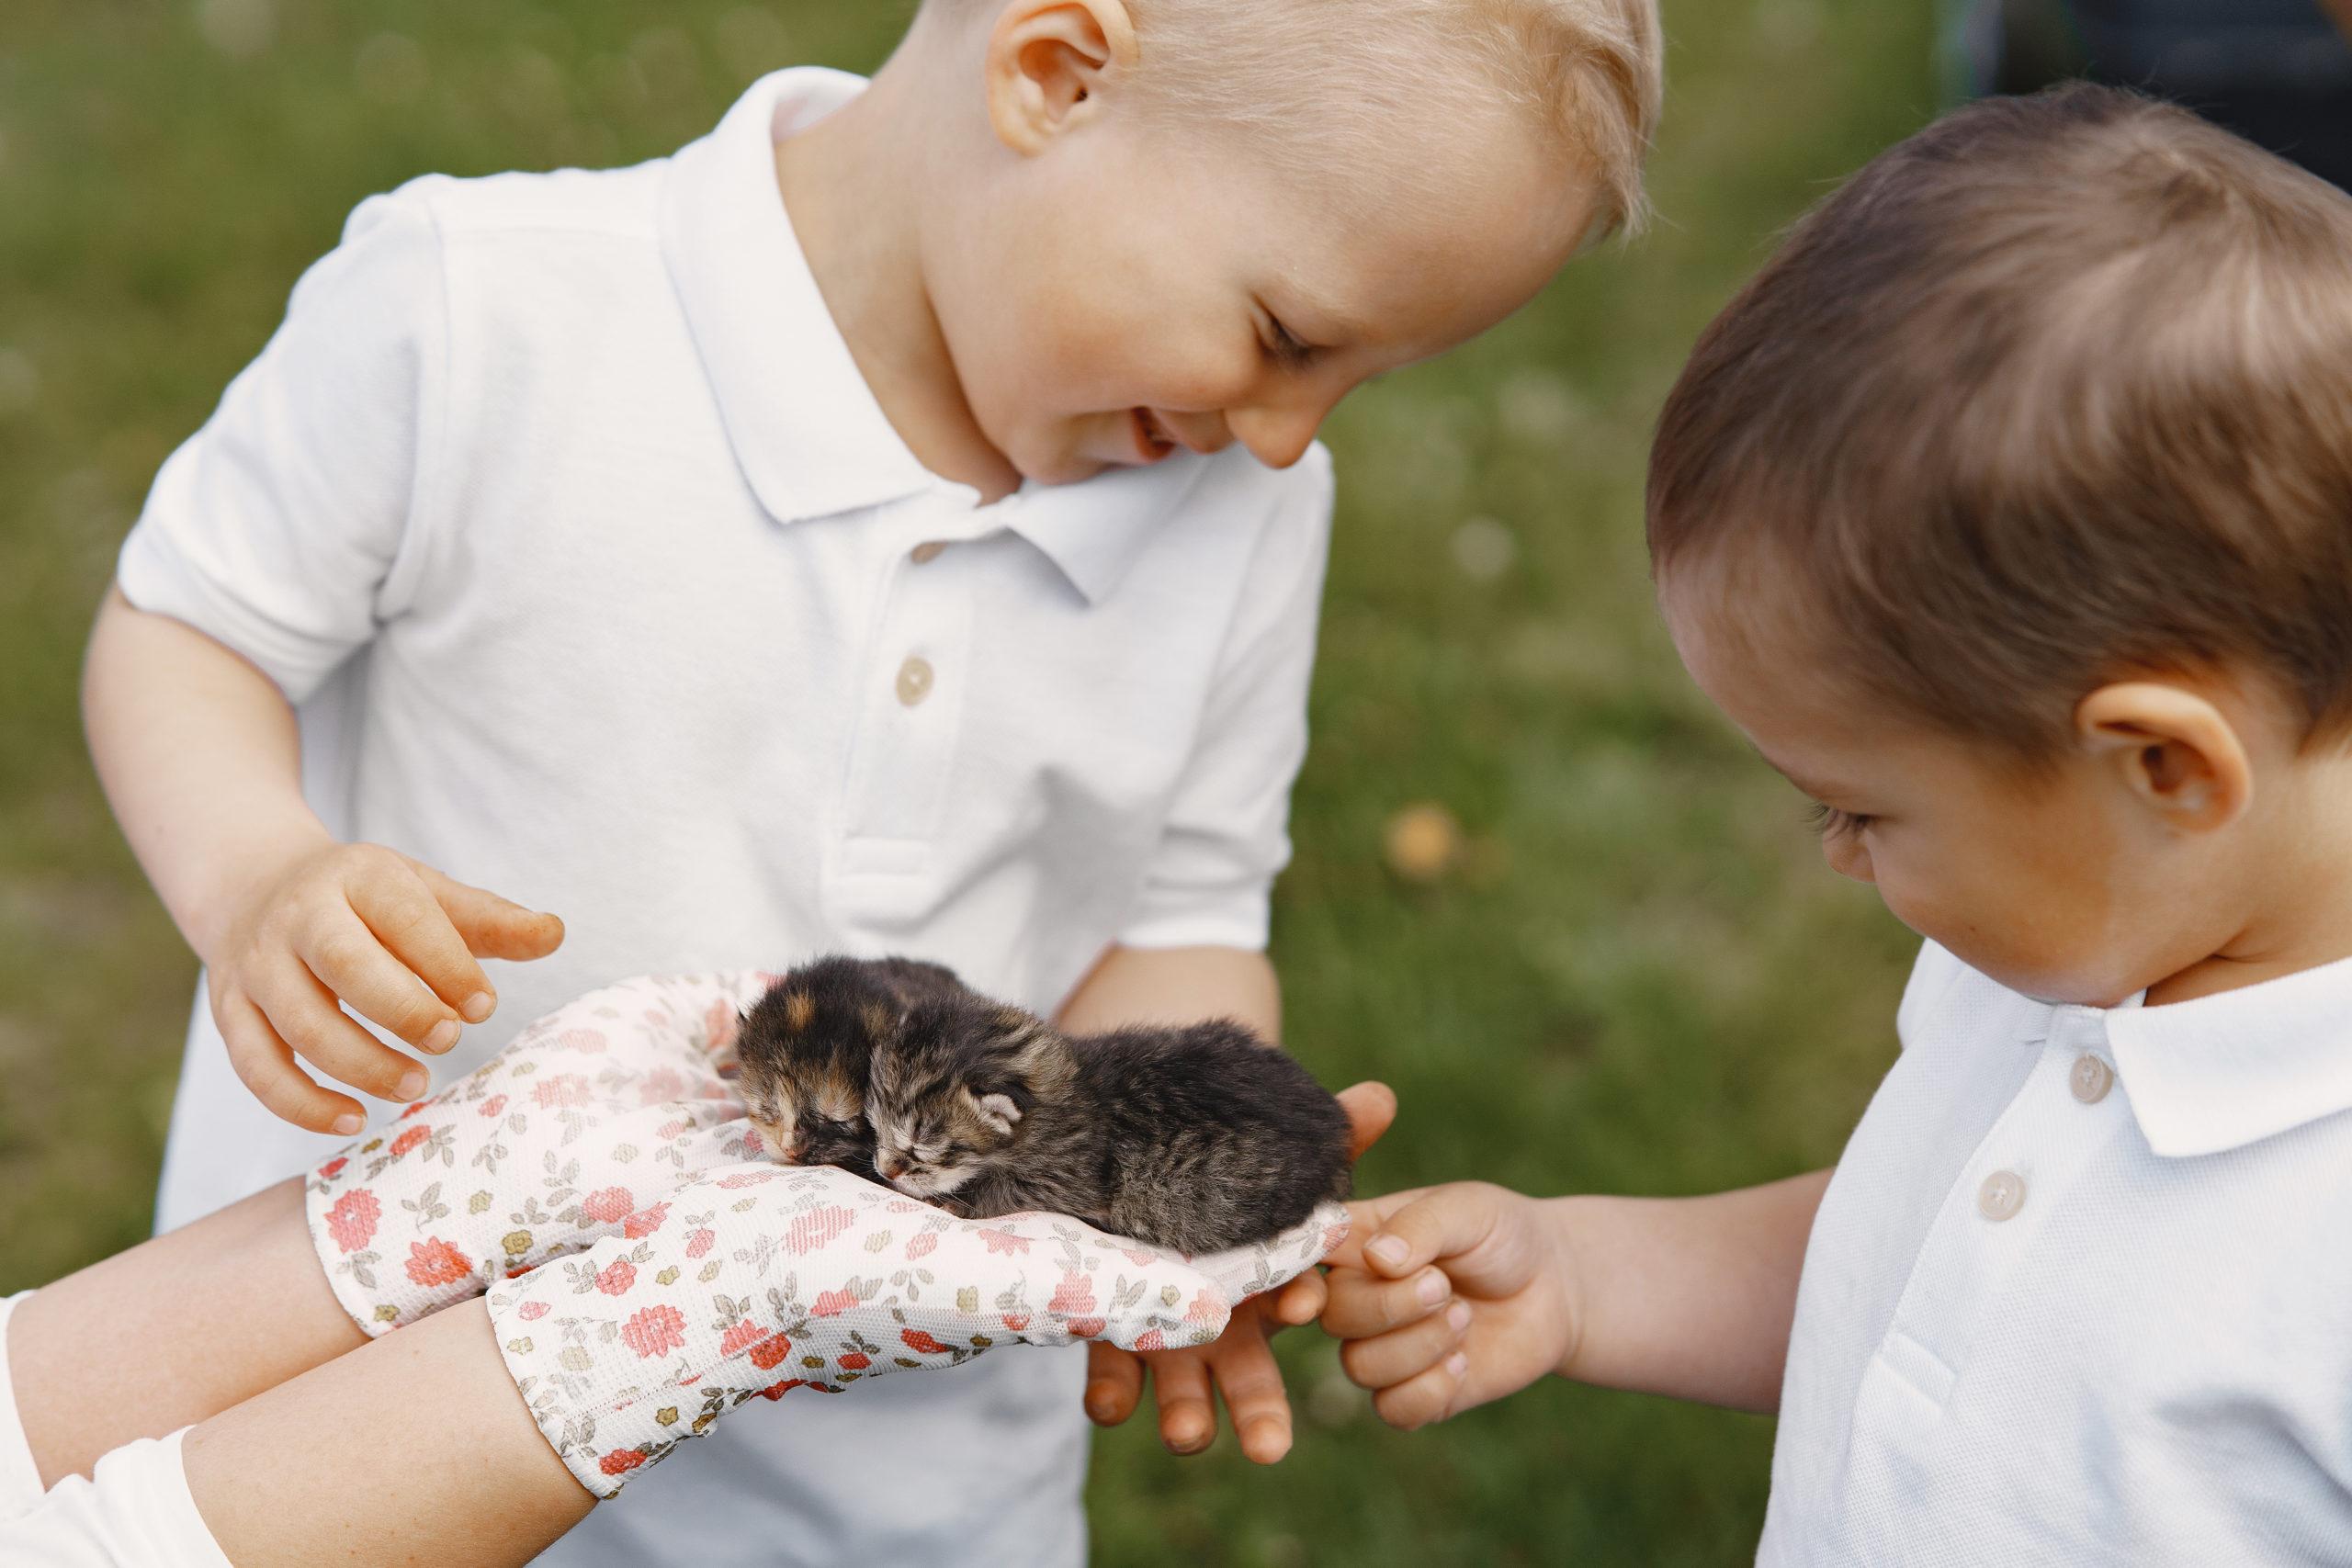 初めての子ネコの飼い方【初めて子ネコを迎えるあなたに届けたい】